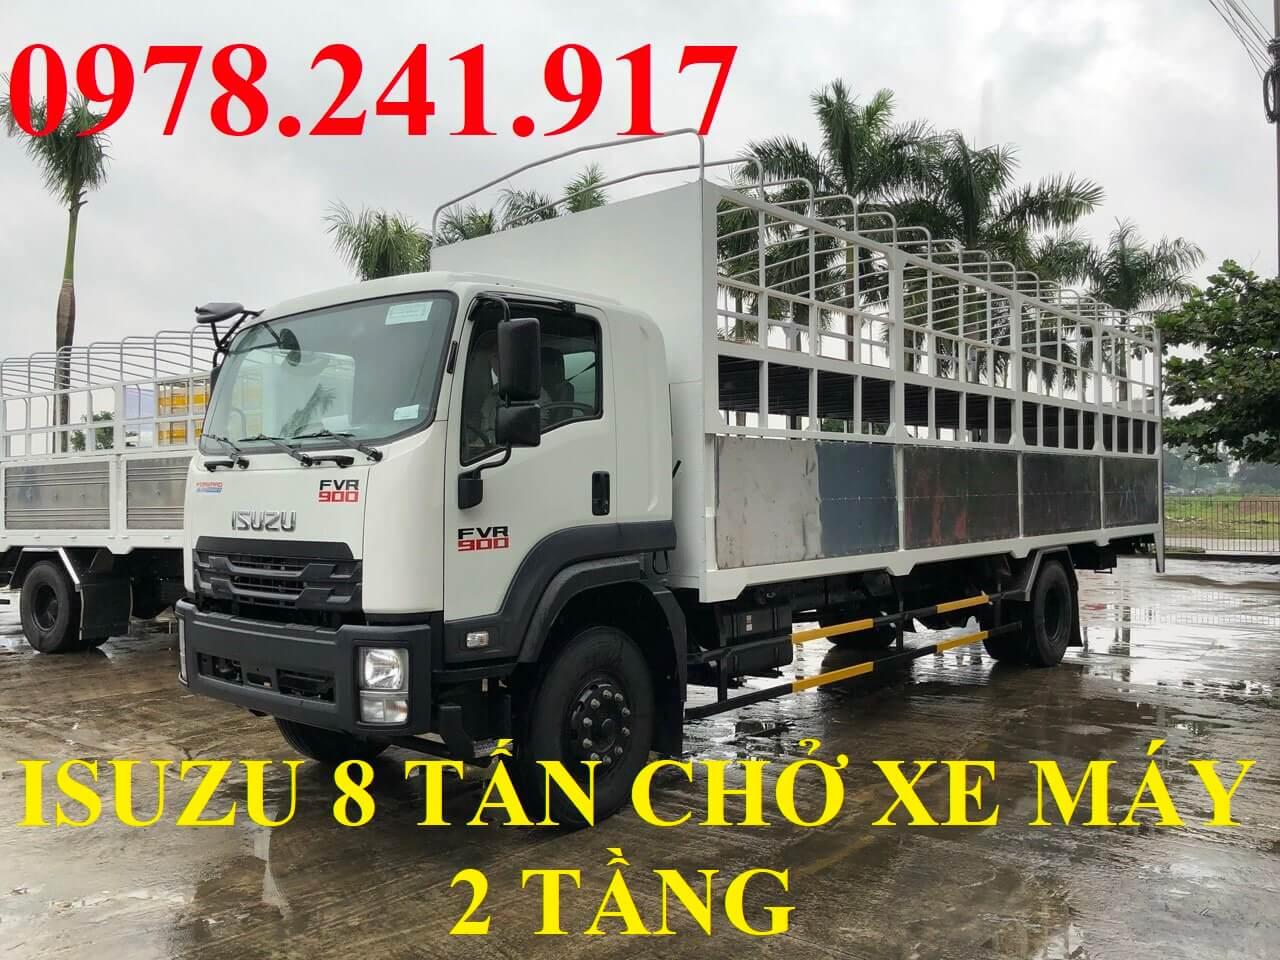 xe tải isuzu 8 tấn thùng chở xe máy 2 tầng